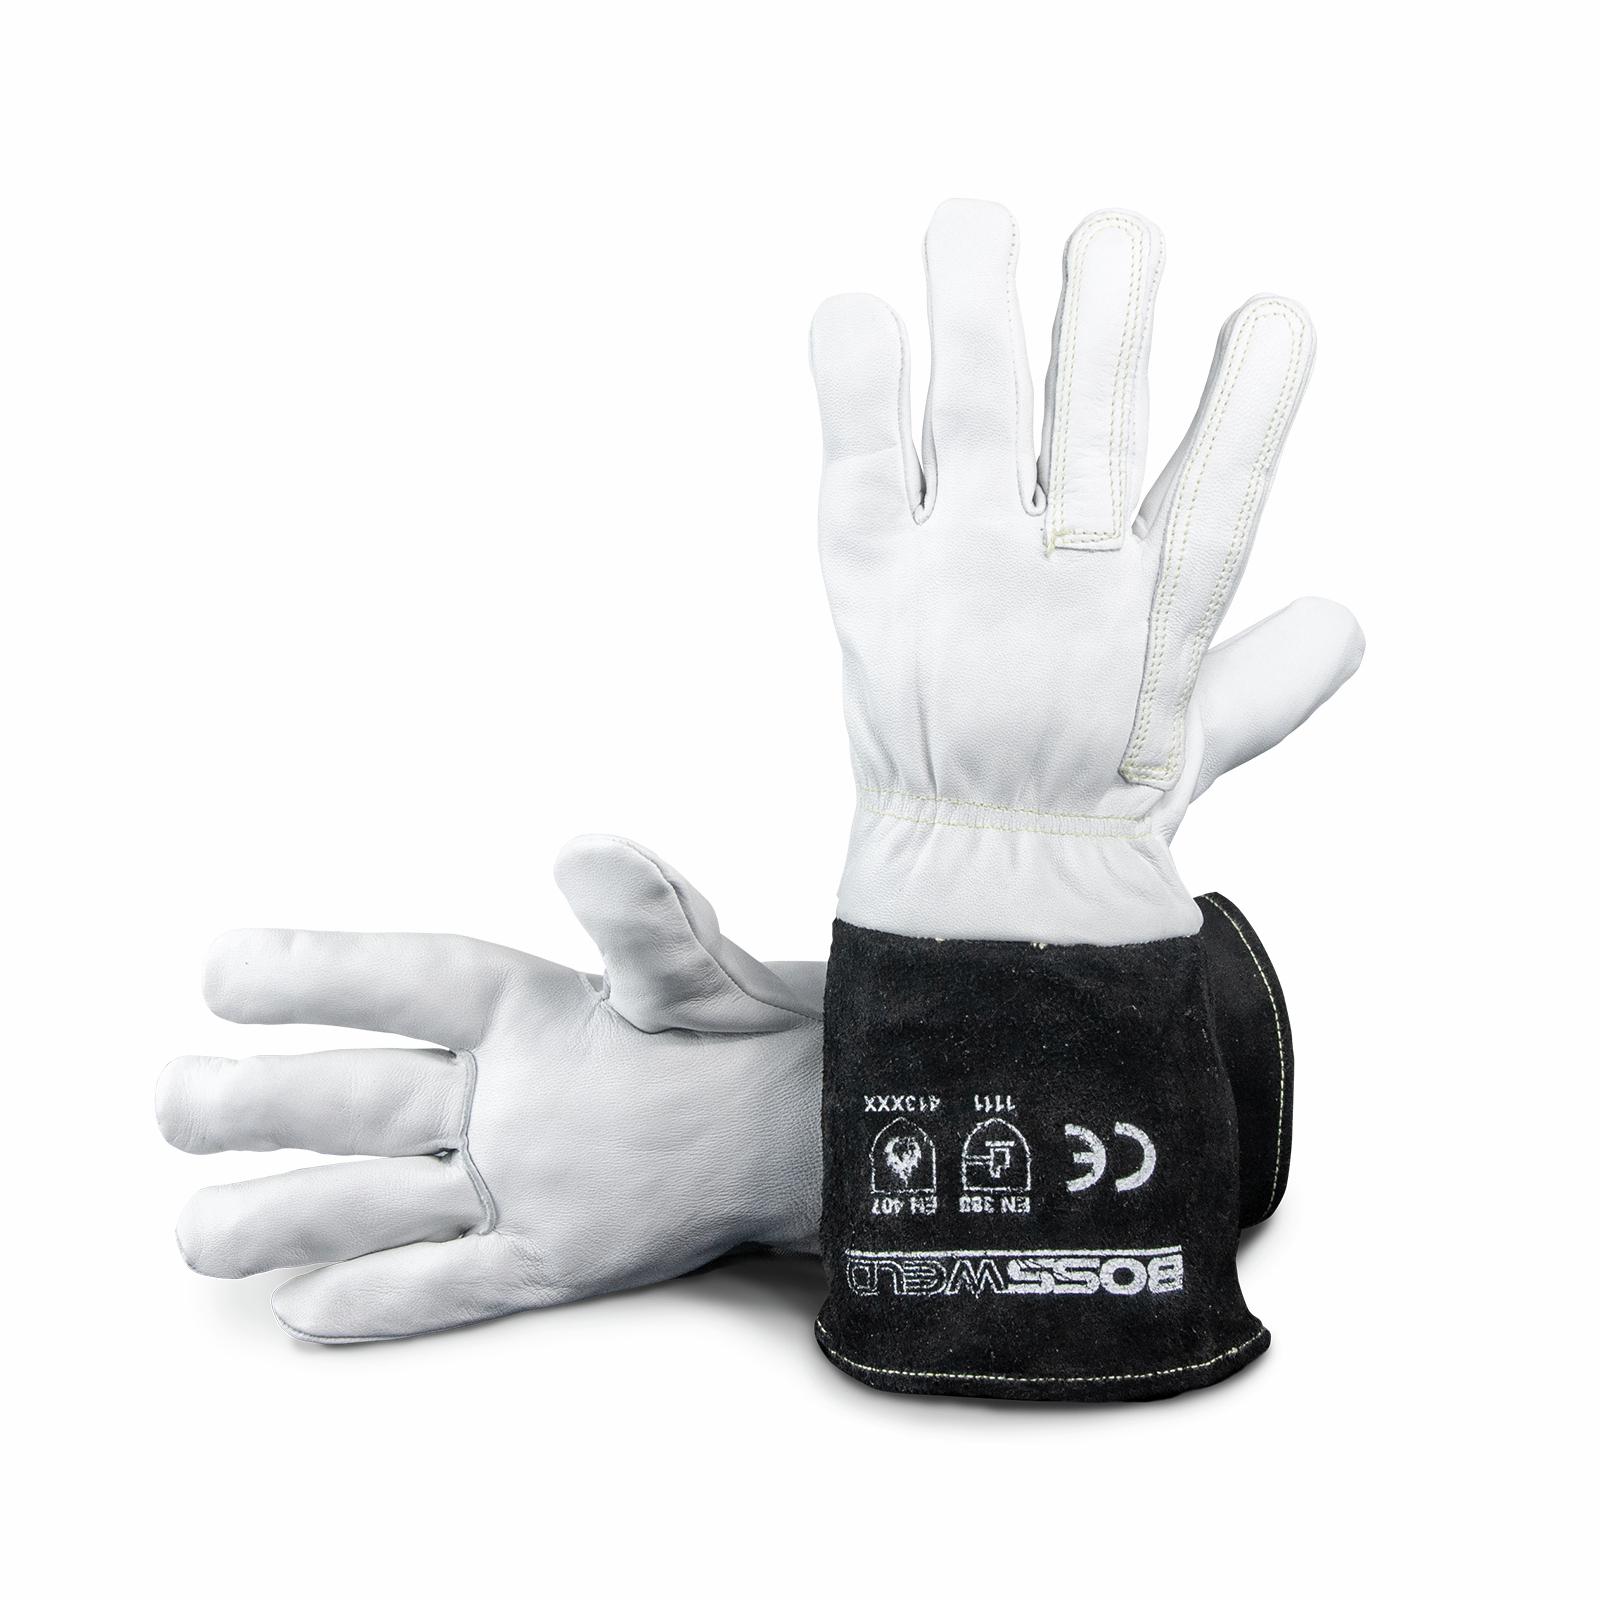 Bossweld Long TIG Welding Gloves